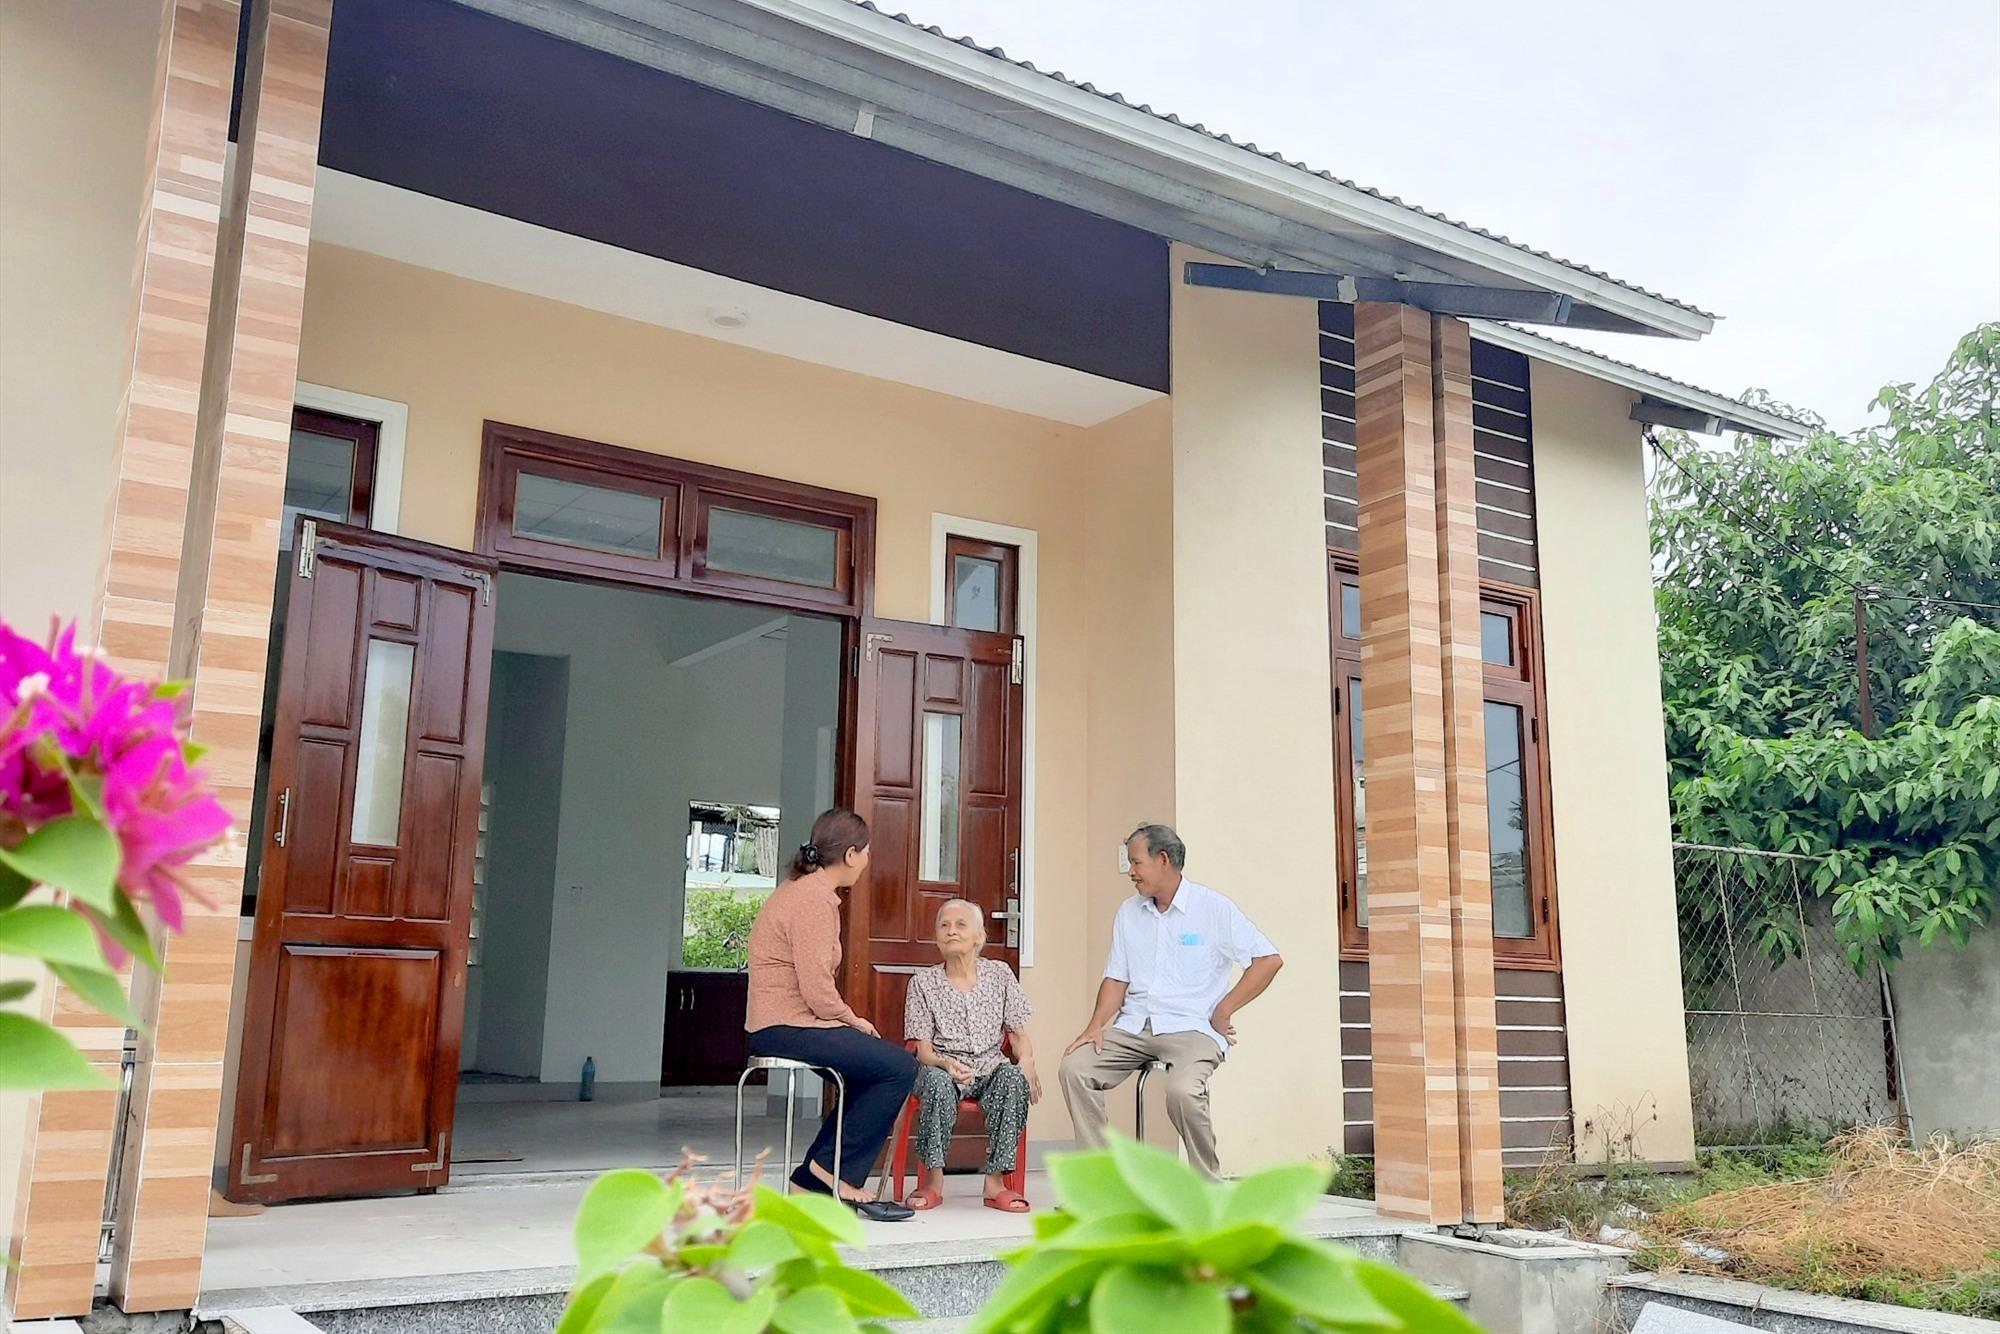 Căn nhà khang trang, kiên cố của bà Nguyễn Thị Long được xây mới từ nguồn hỗ trợ của nhà nước cùng con cháu trong gia đình. Ảnh: H.Q